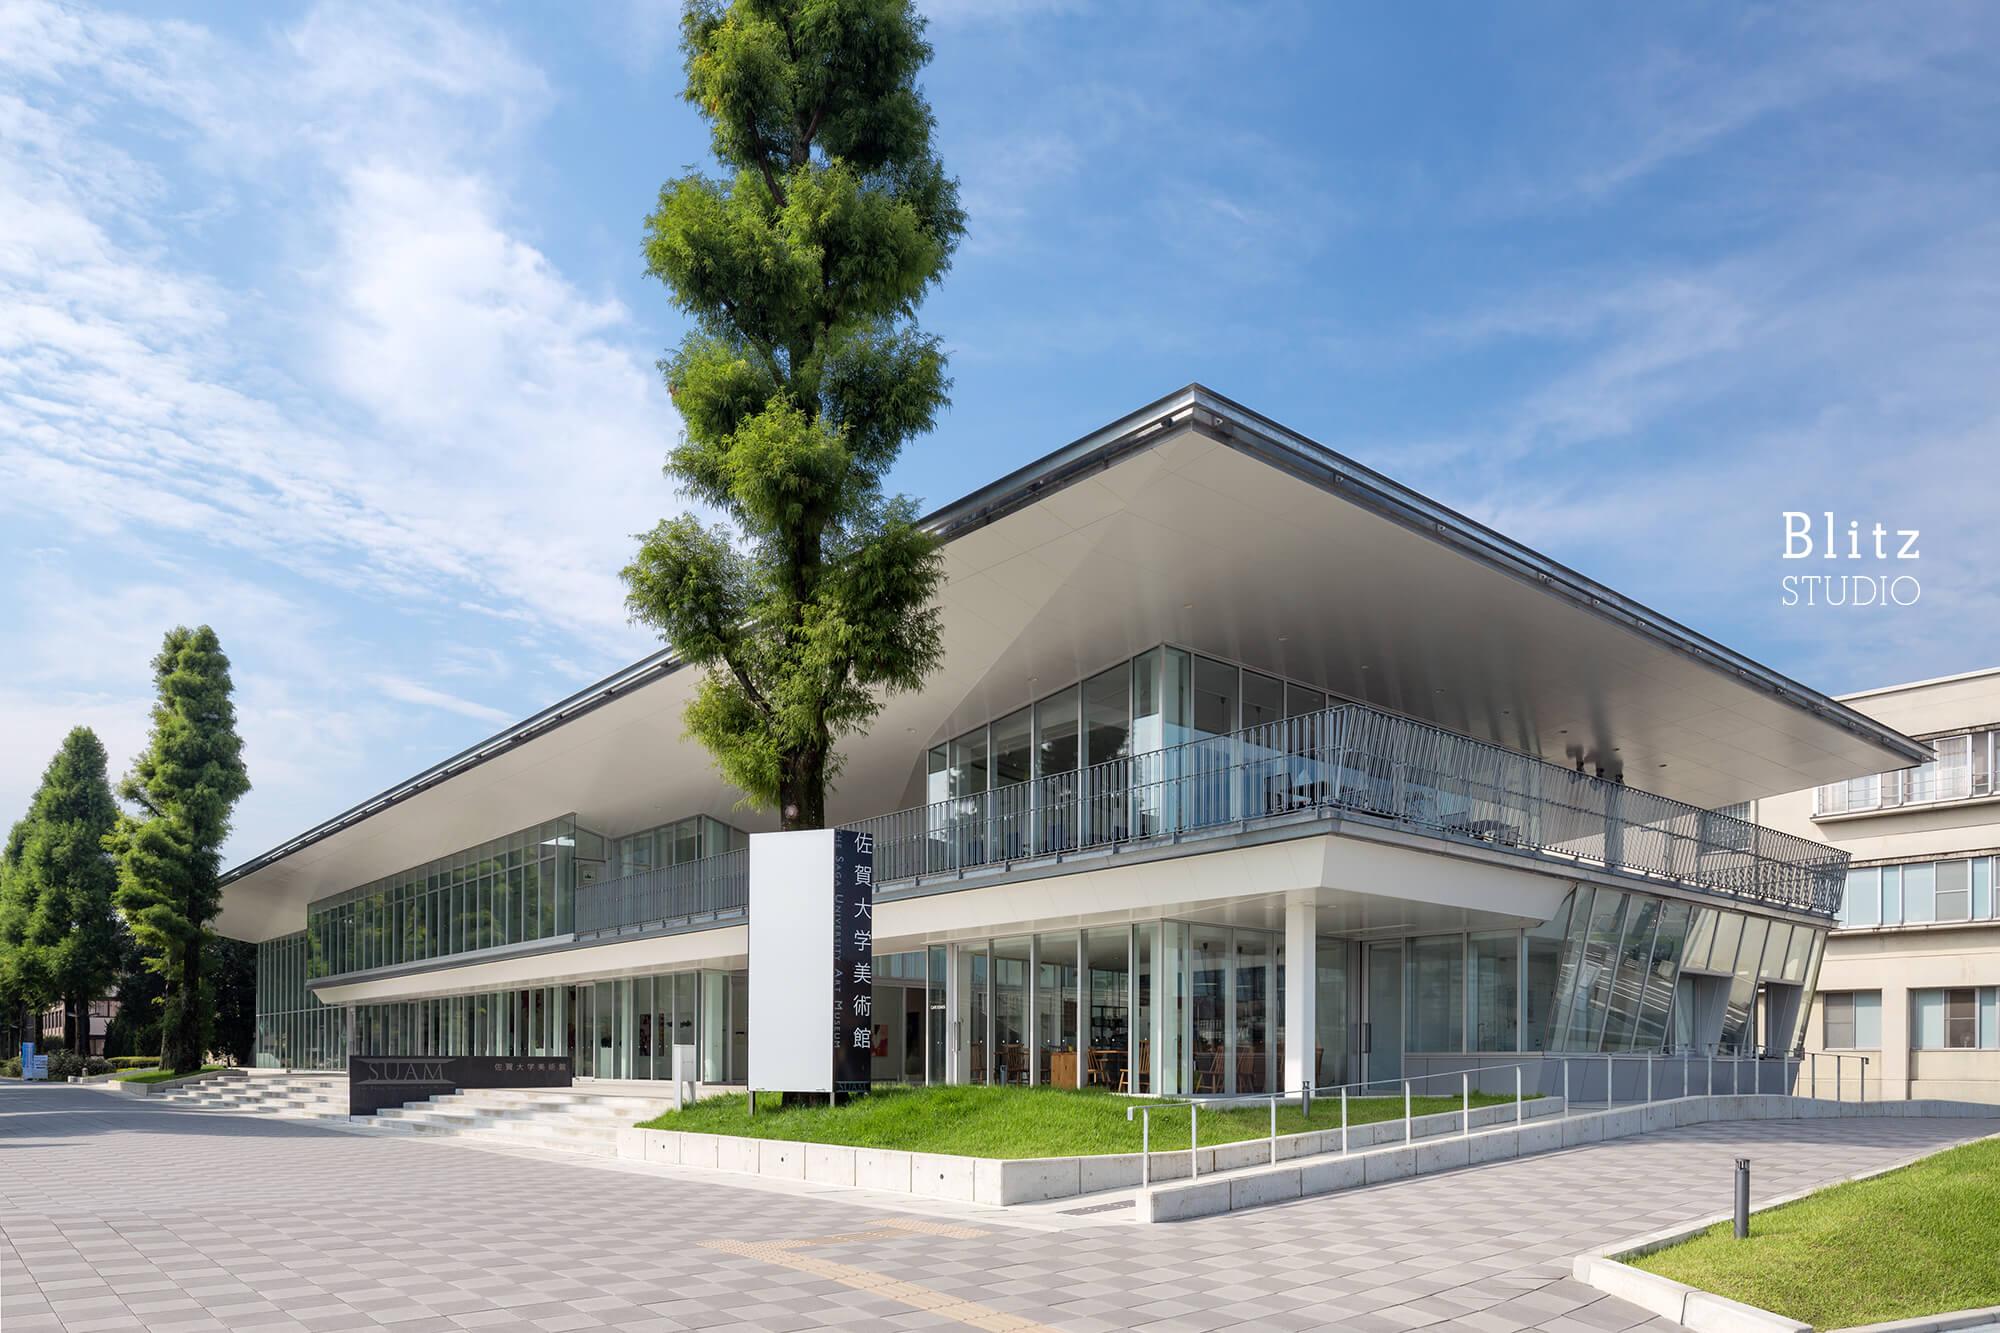 『佐賀大学 美術館』-佐賀県佐賀市-建築写真・竣工写真・インテリア写真2